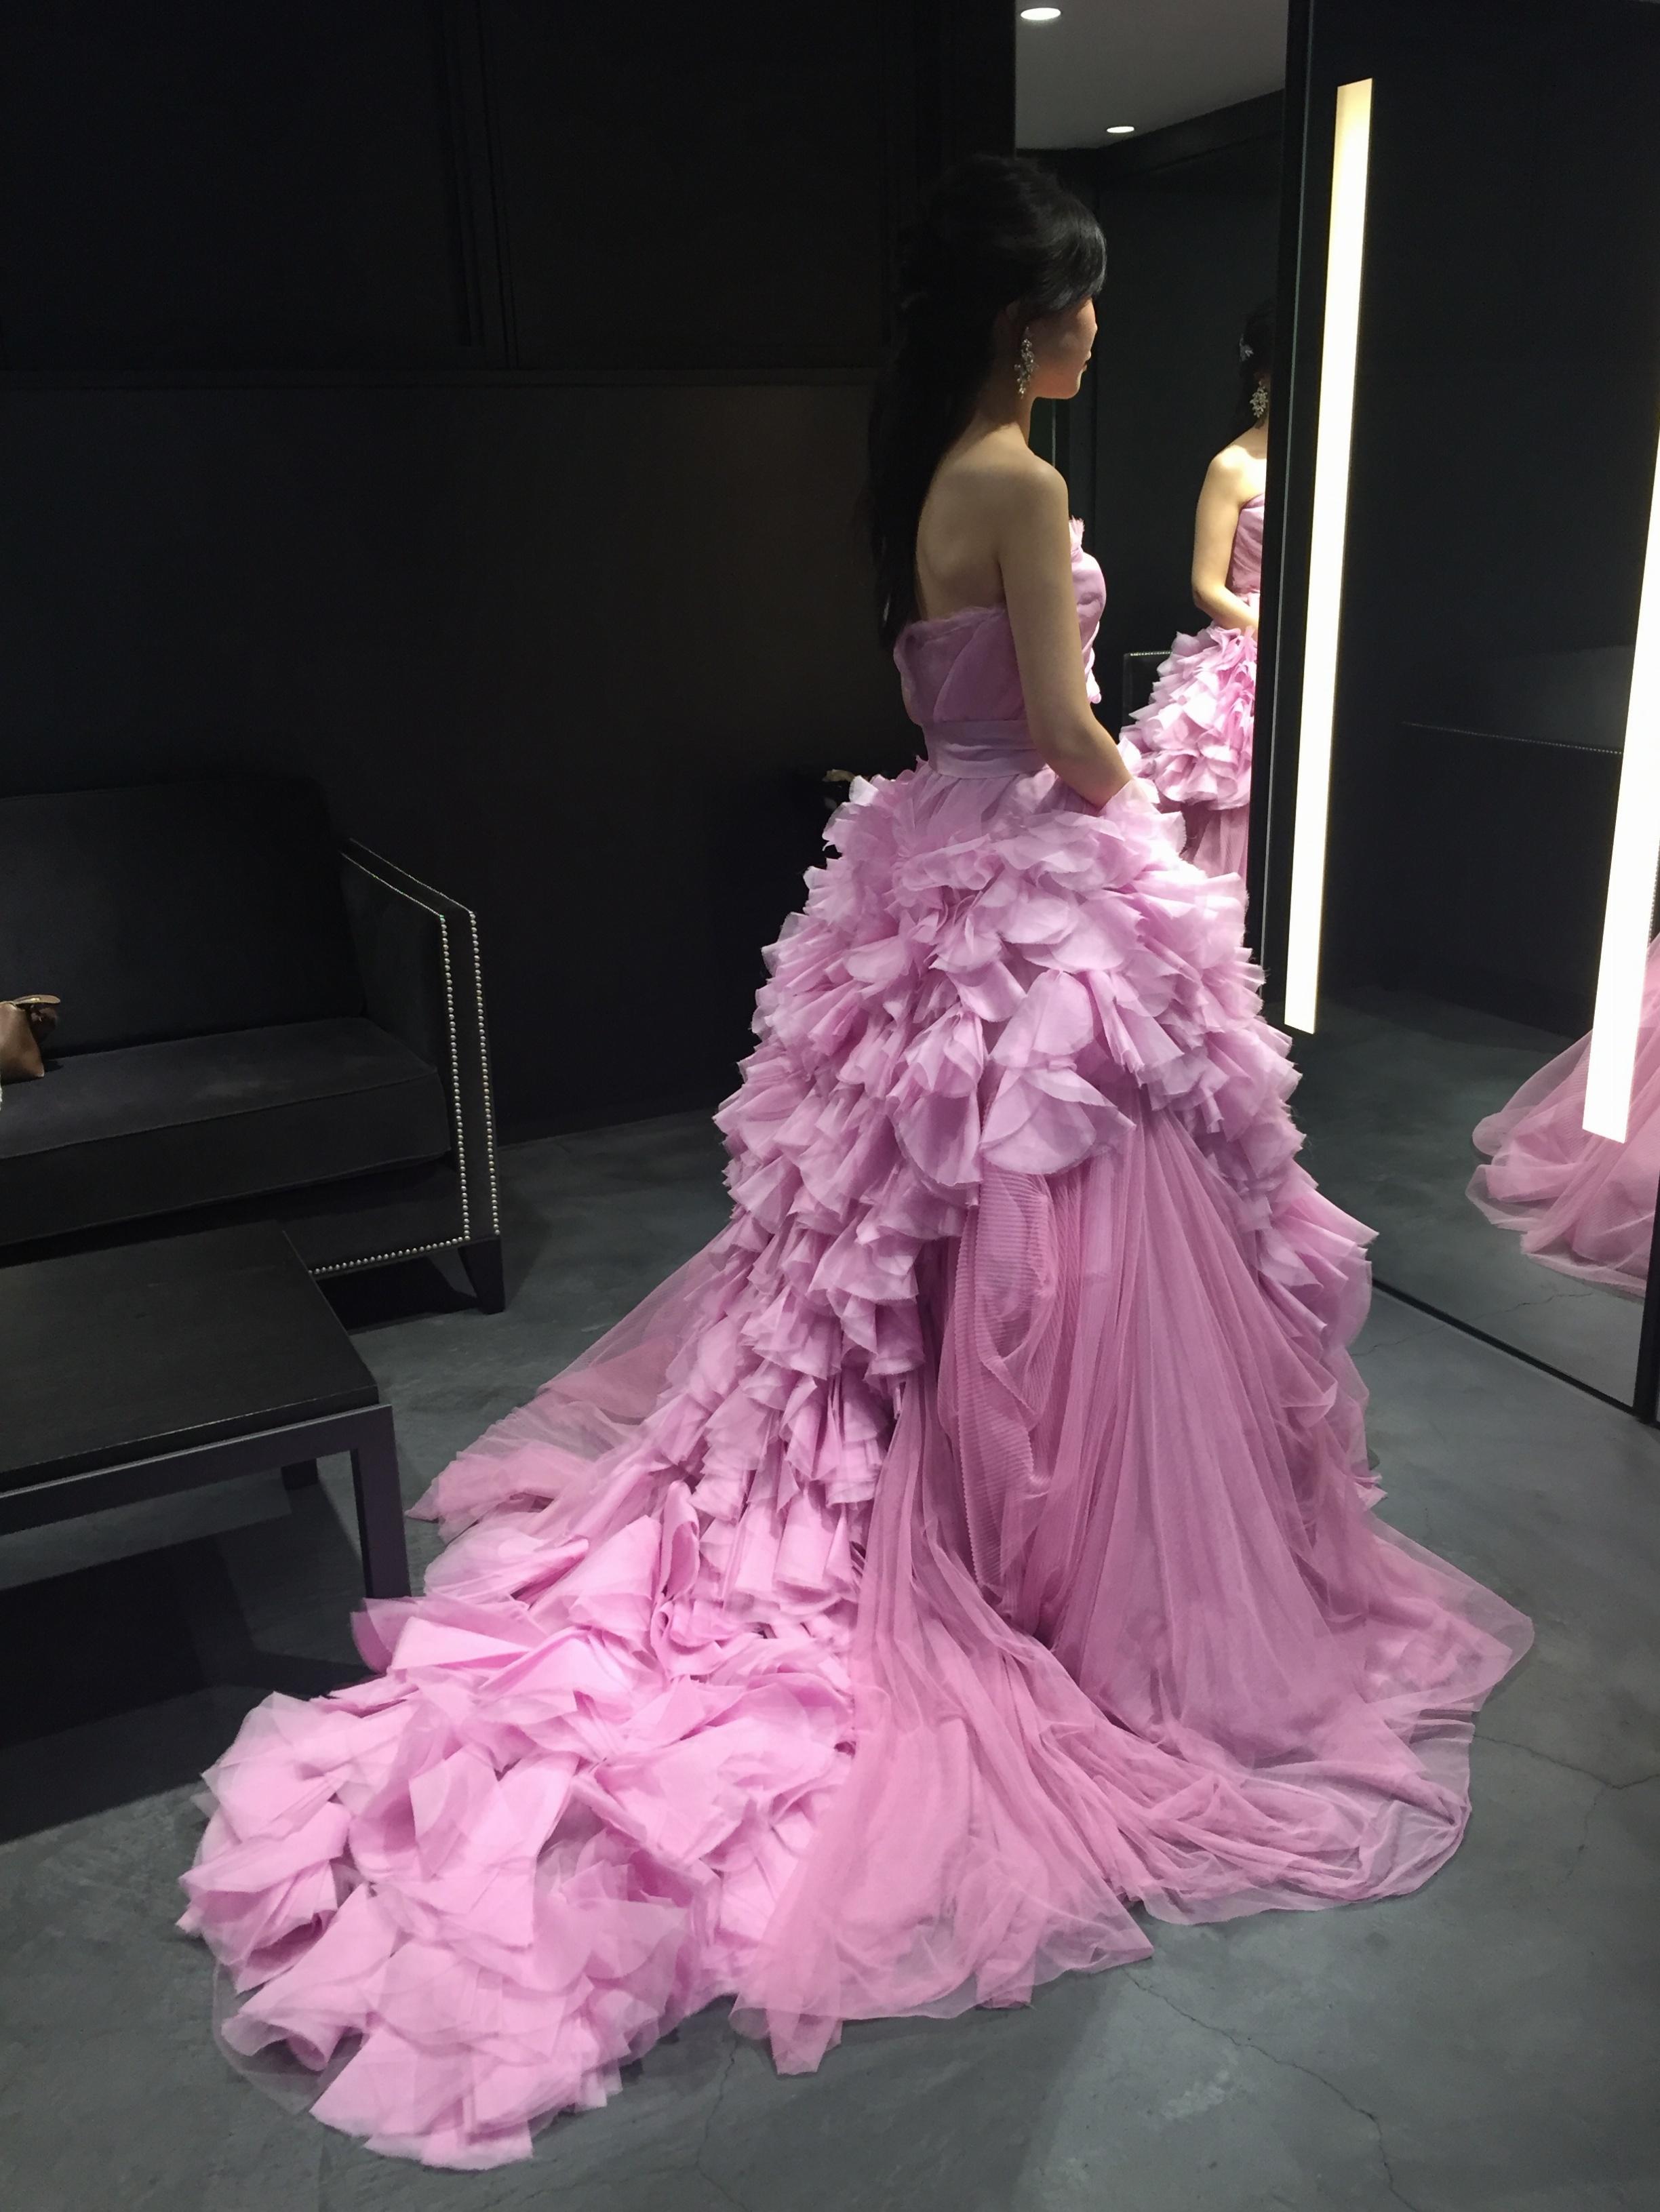 【#ドレス迷子】weddingドレス、実際に着てみました✧asuの運命の1着に巡り合うまでのドレス試着レポート①_1